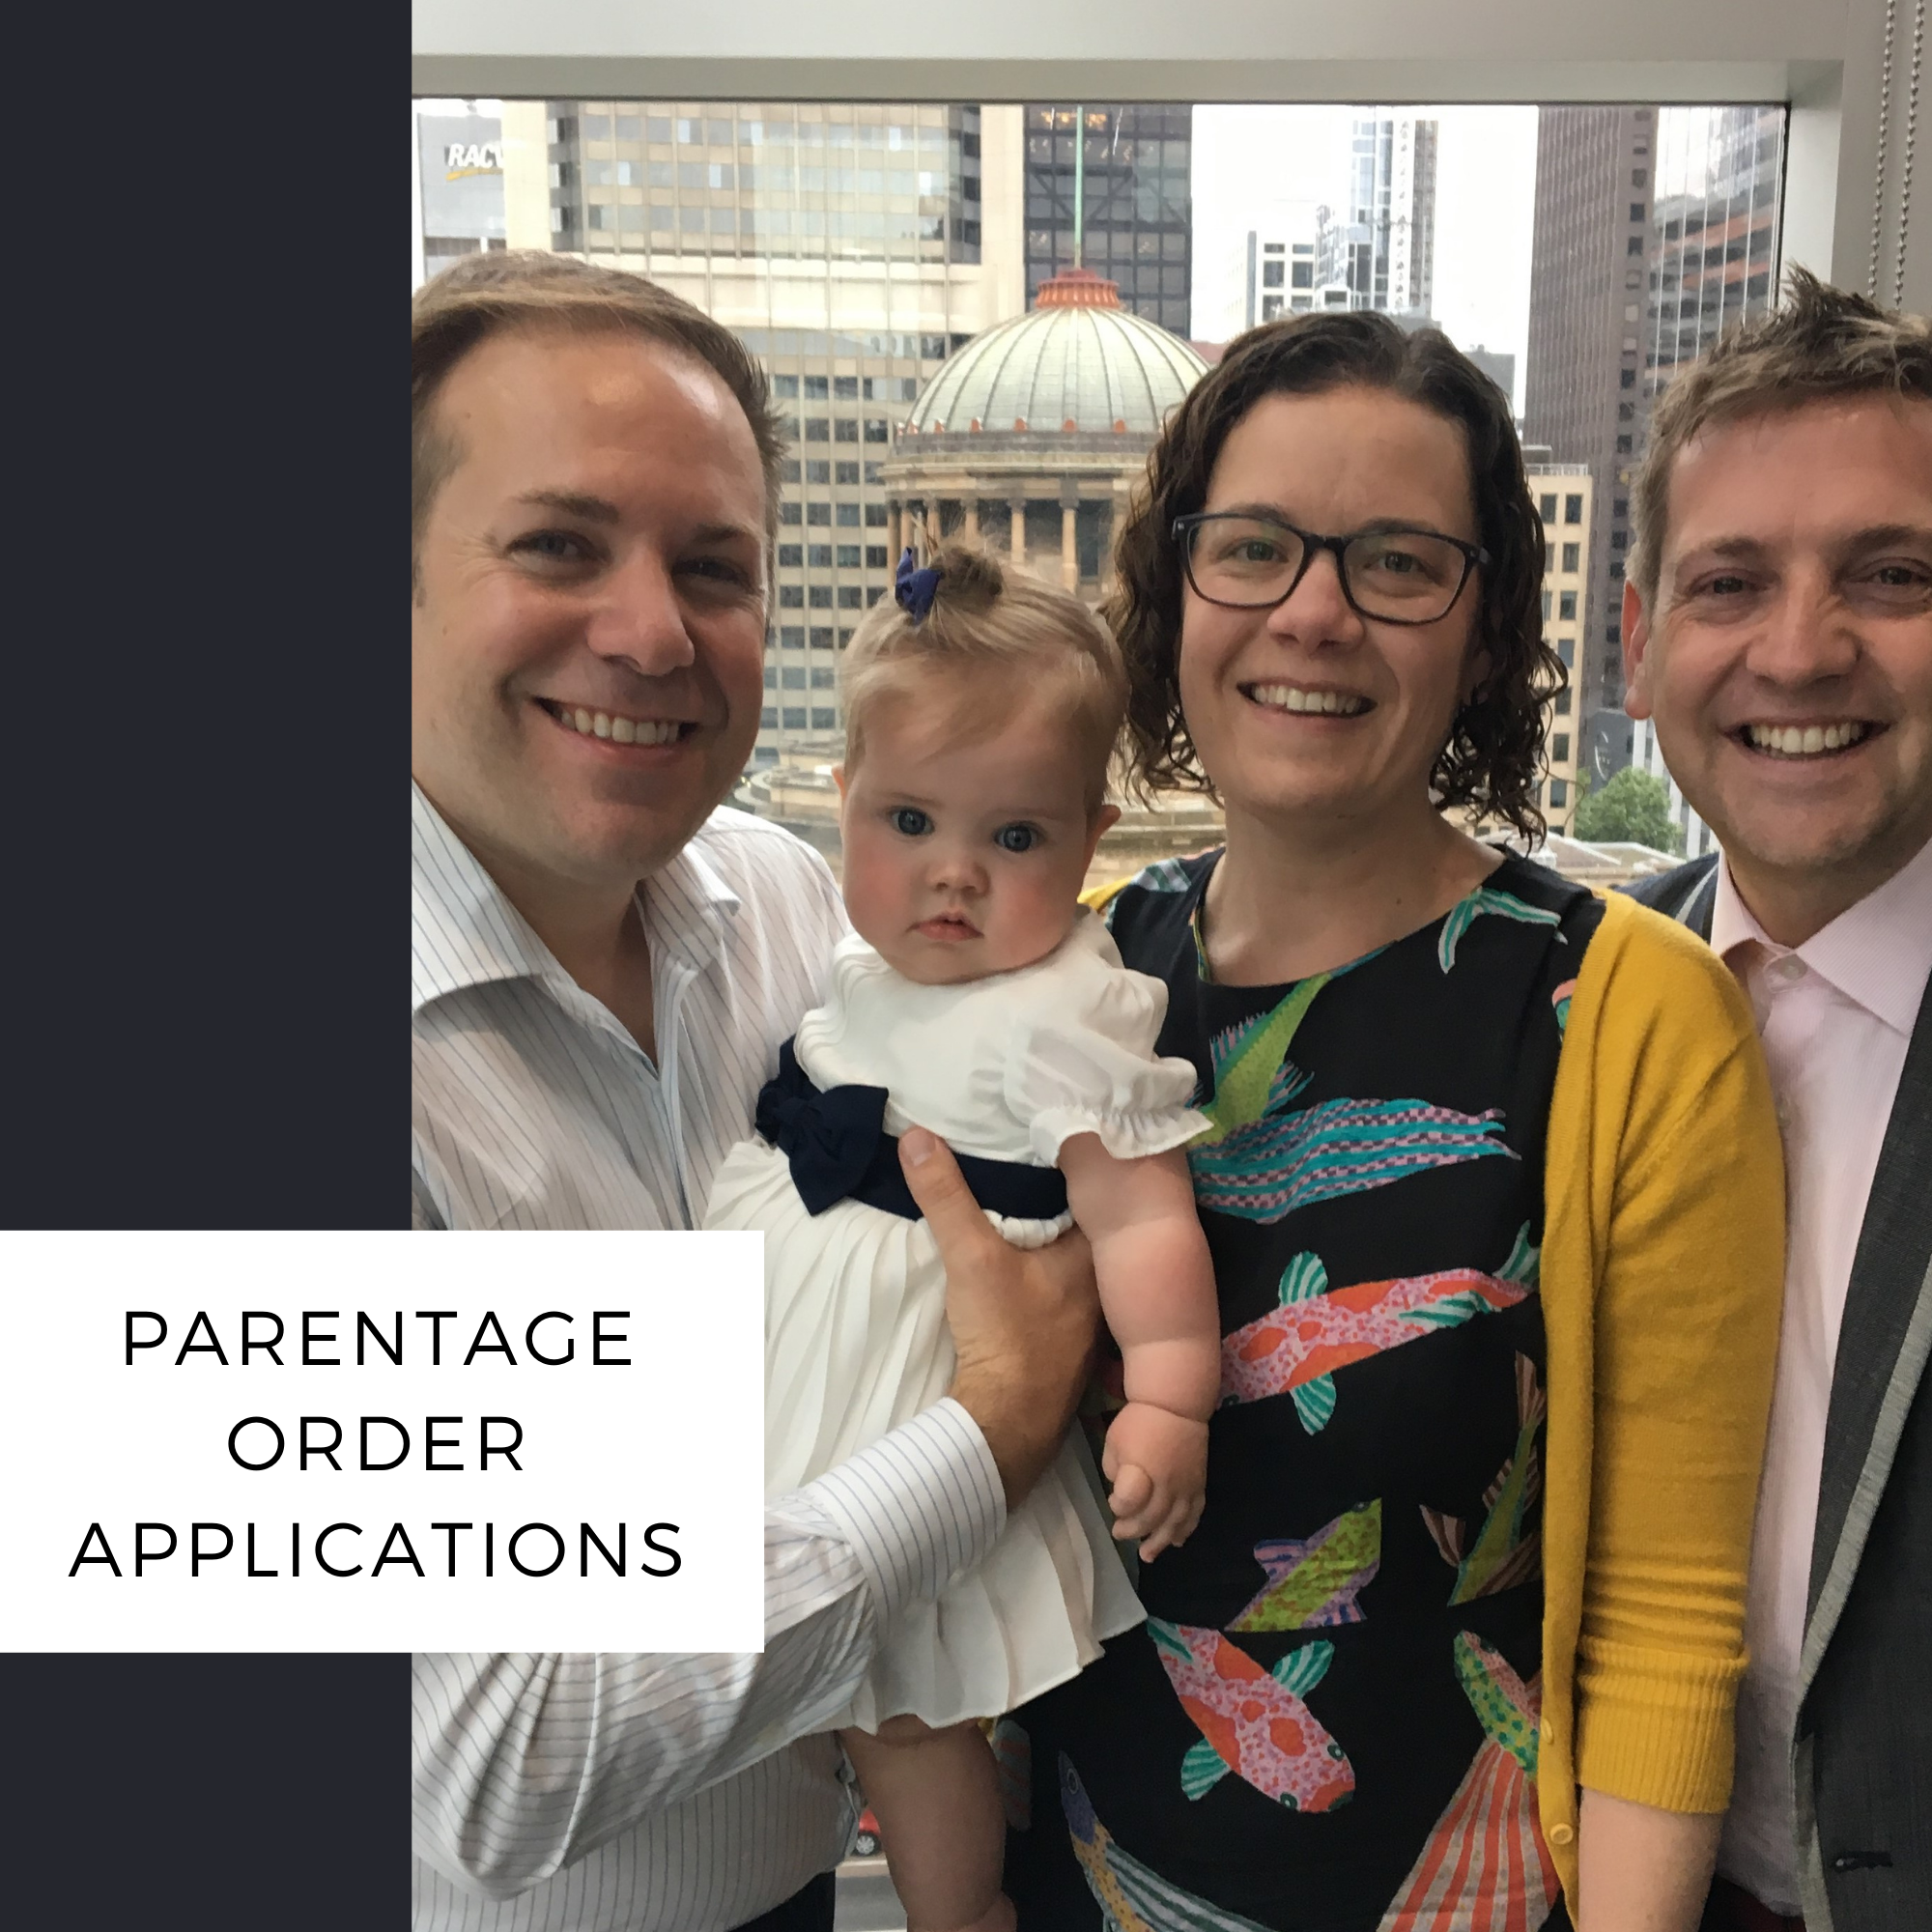 parentage order applications